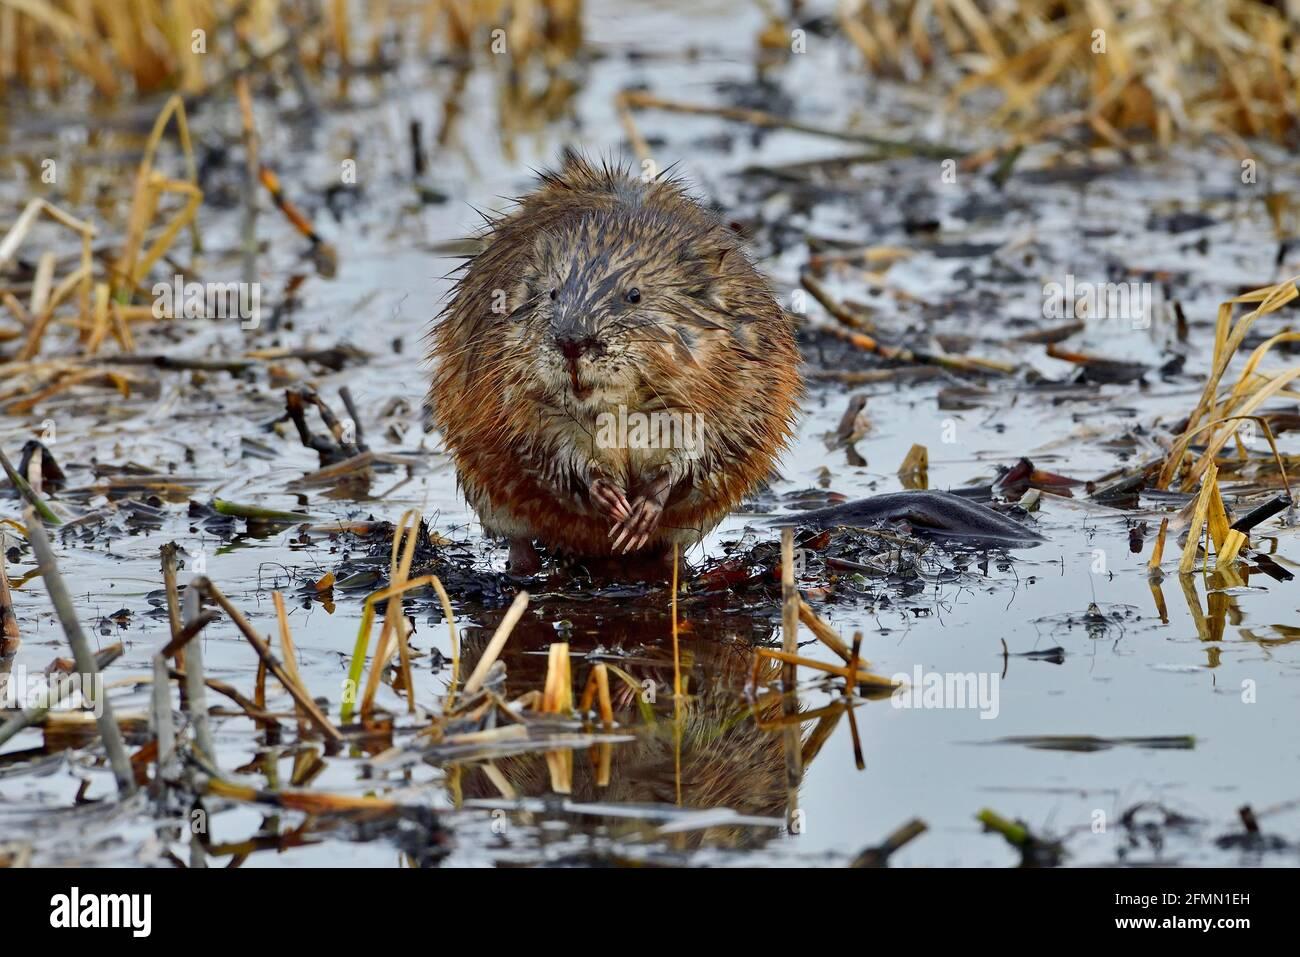 Vue de face d'un rat musqué sauvage 'Ondatra zibethicus', sur un bâton en contrebas dans un étang de castors dans les régions rurales du Canada de l'Alberta. Banque D'Images